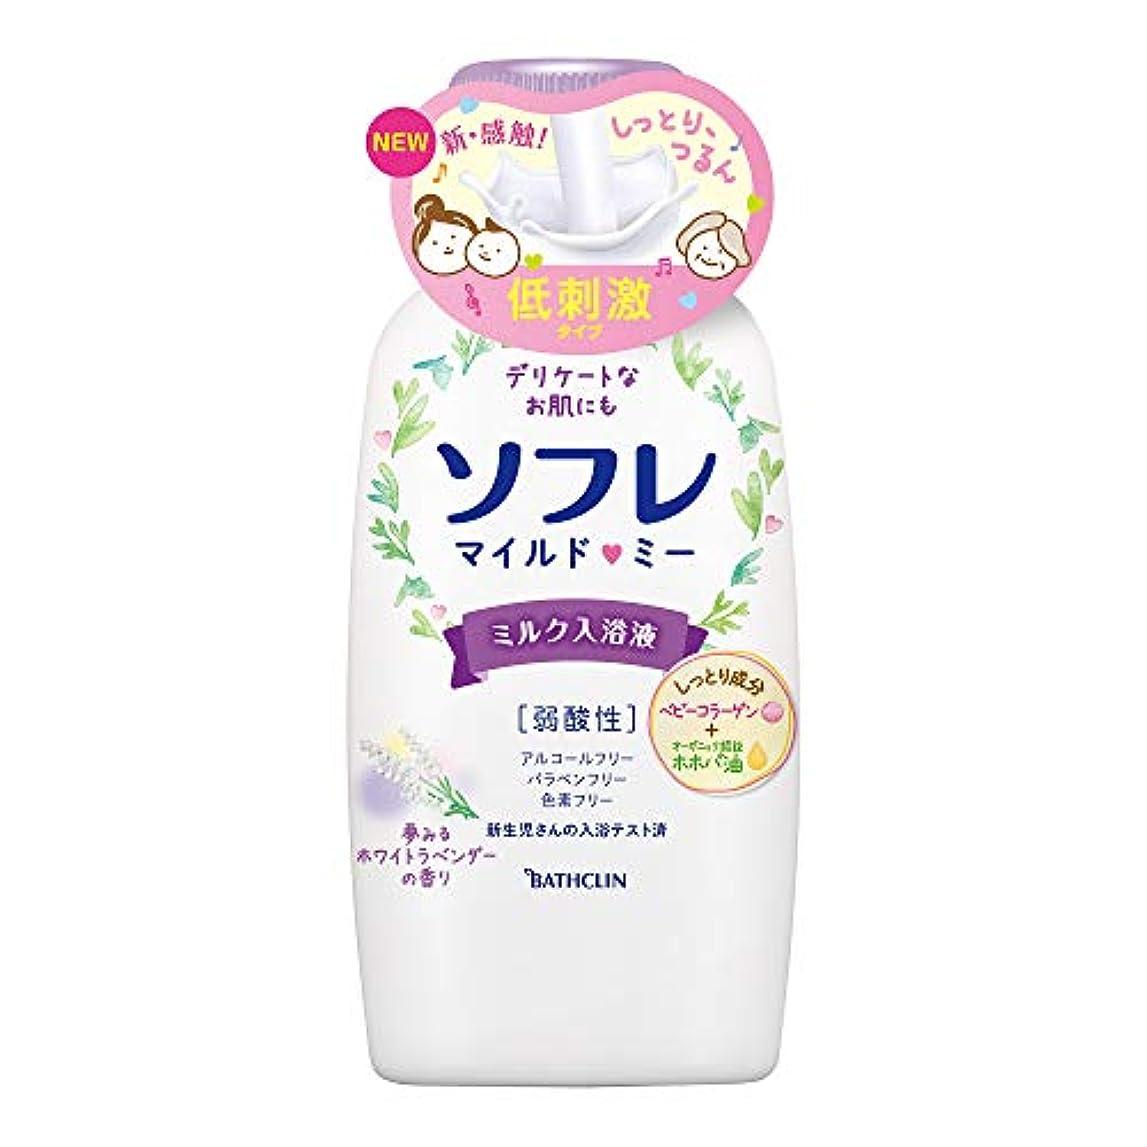 リングバック勝利した膜バスクリン ソフレ入浴液 マイルド?ミー ミルク 夢みるホワイトラベンダーの香り 本体720mL保湿 成分配合 赤ちゃんと一緒に使えます。